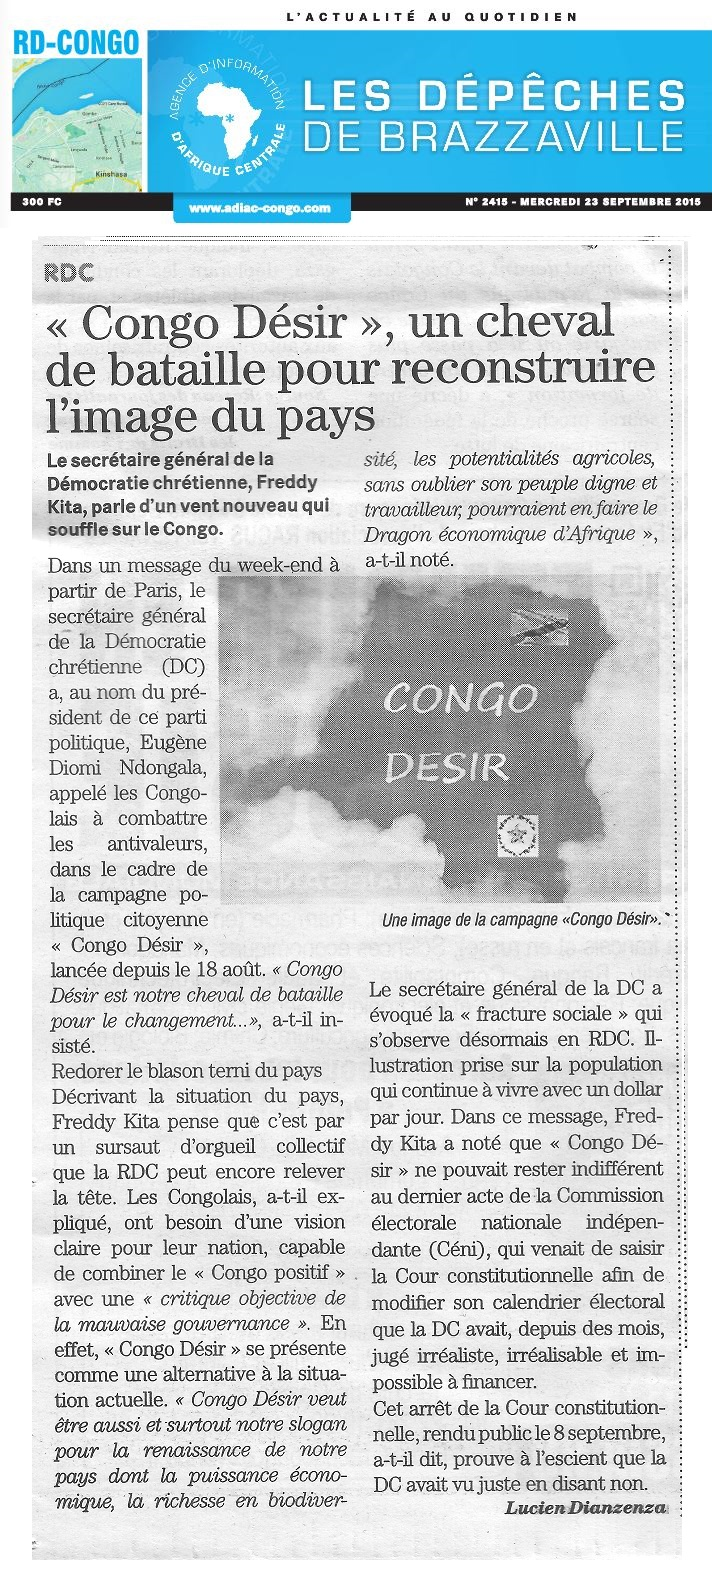 CONGODESIR DEPECHES DE BRAZZA 230915 001